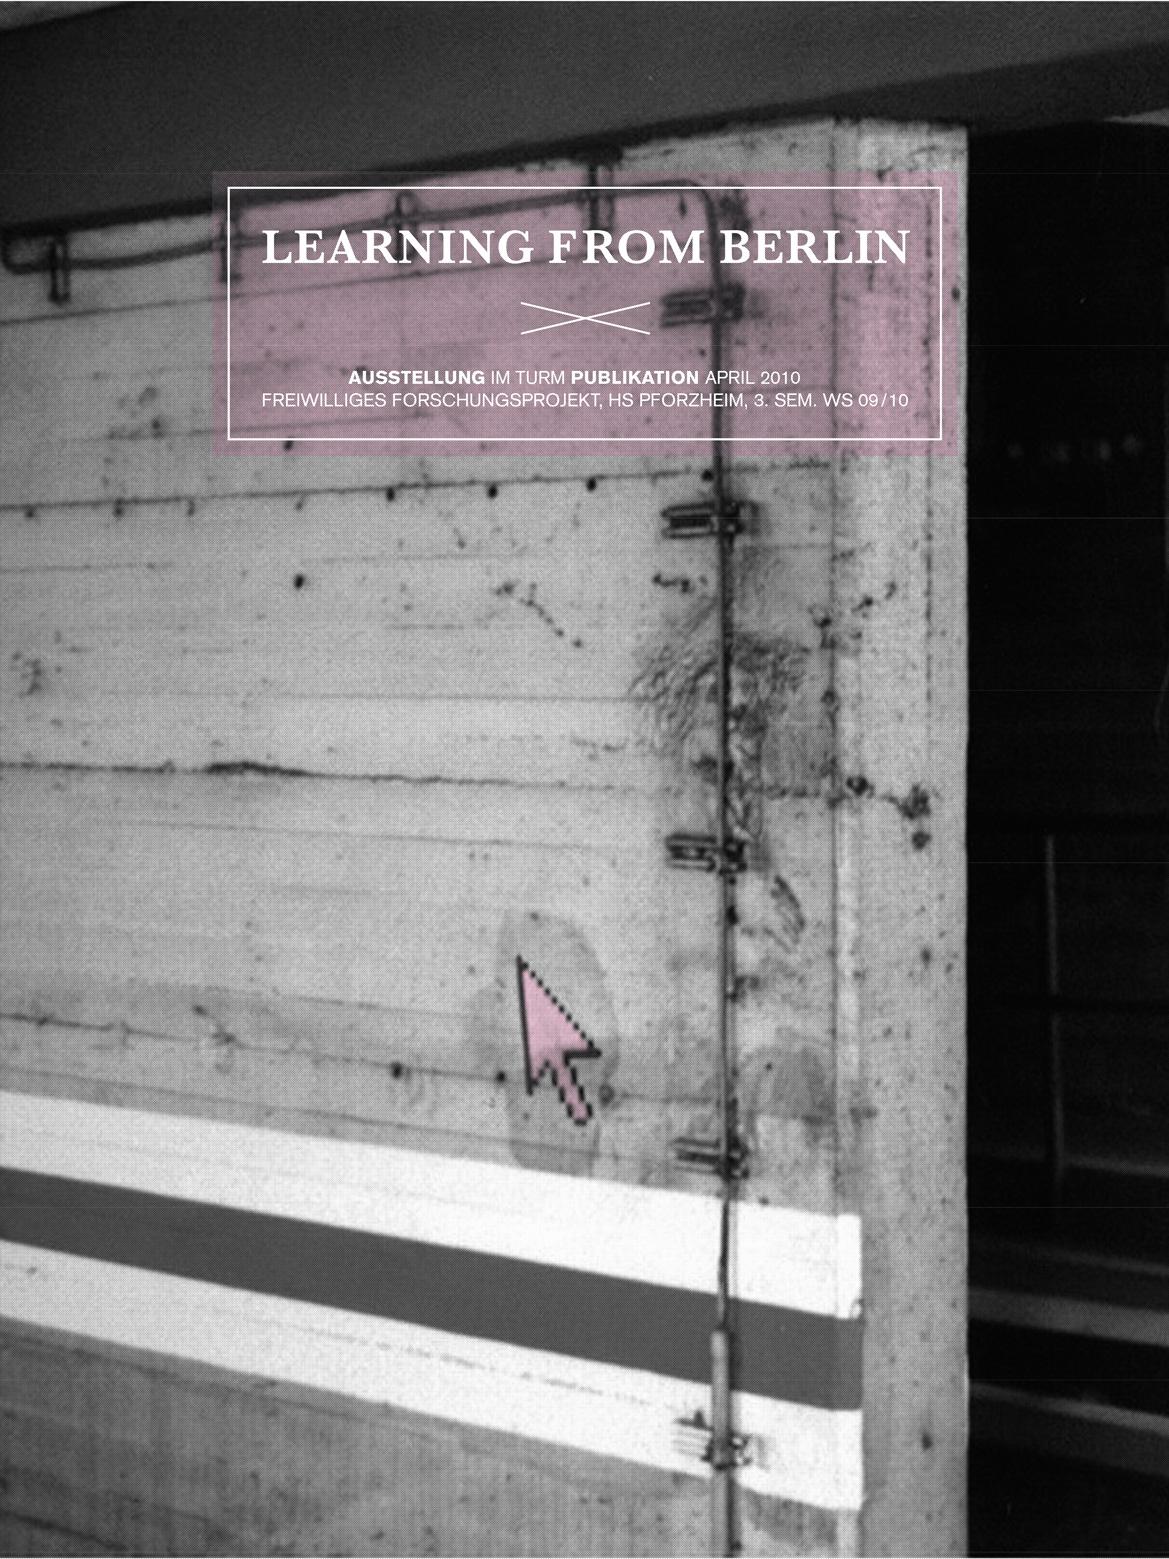 Urban-Manegold-Learning-from-Berlin-Design-Prozess-Magazin-Ausstellung-Plakat-SocialStudies-Gentrifikation-LFB-plakat8